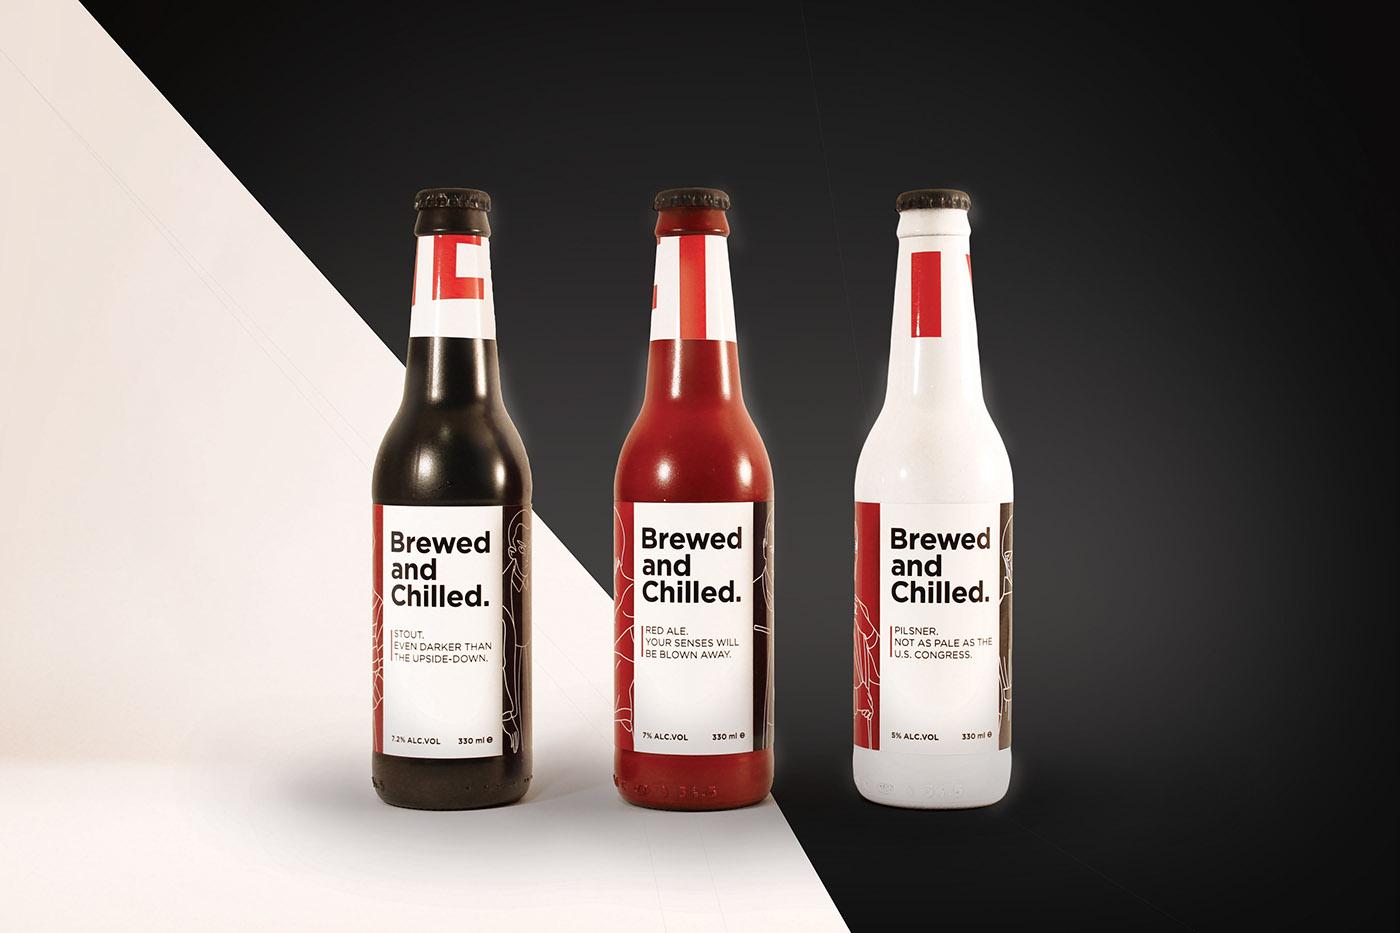 Crean cervezas inspiradas en los principales shows de Netflix